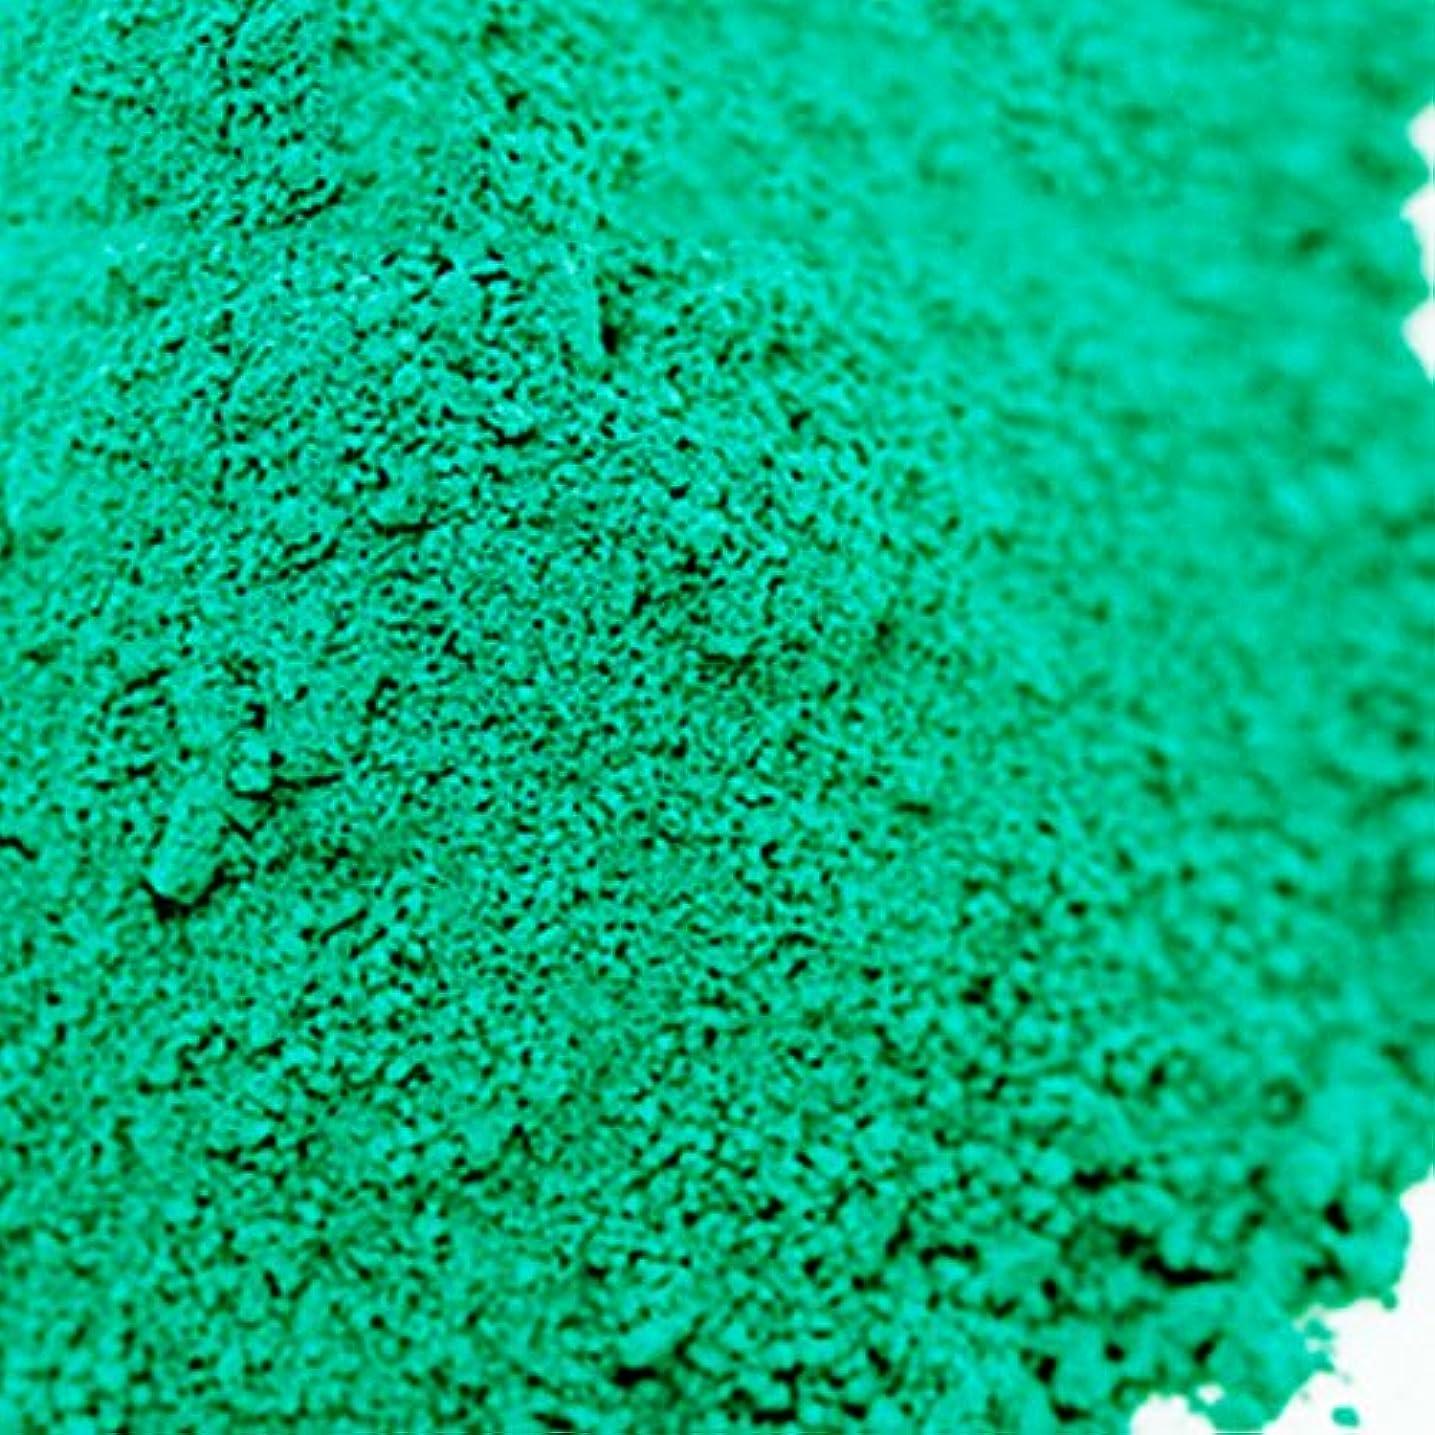 ウィザード彼光沢水酸化クロム グリーン 5g 【手作り石鹸/手作りコスメ/色付け/カラーラント/緑】